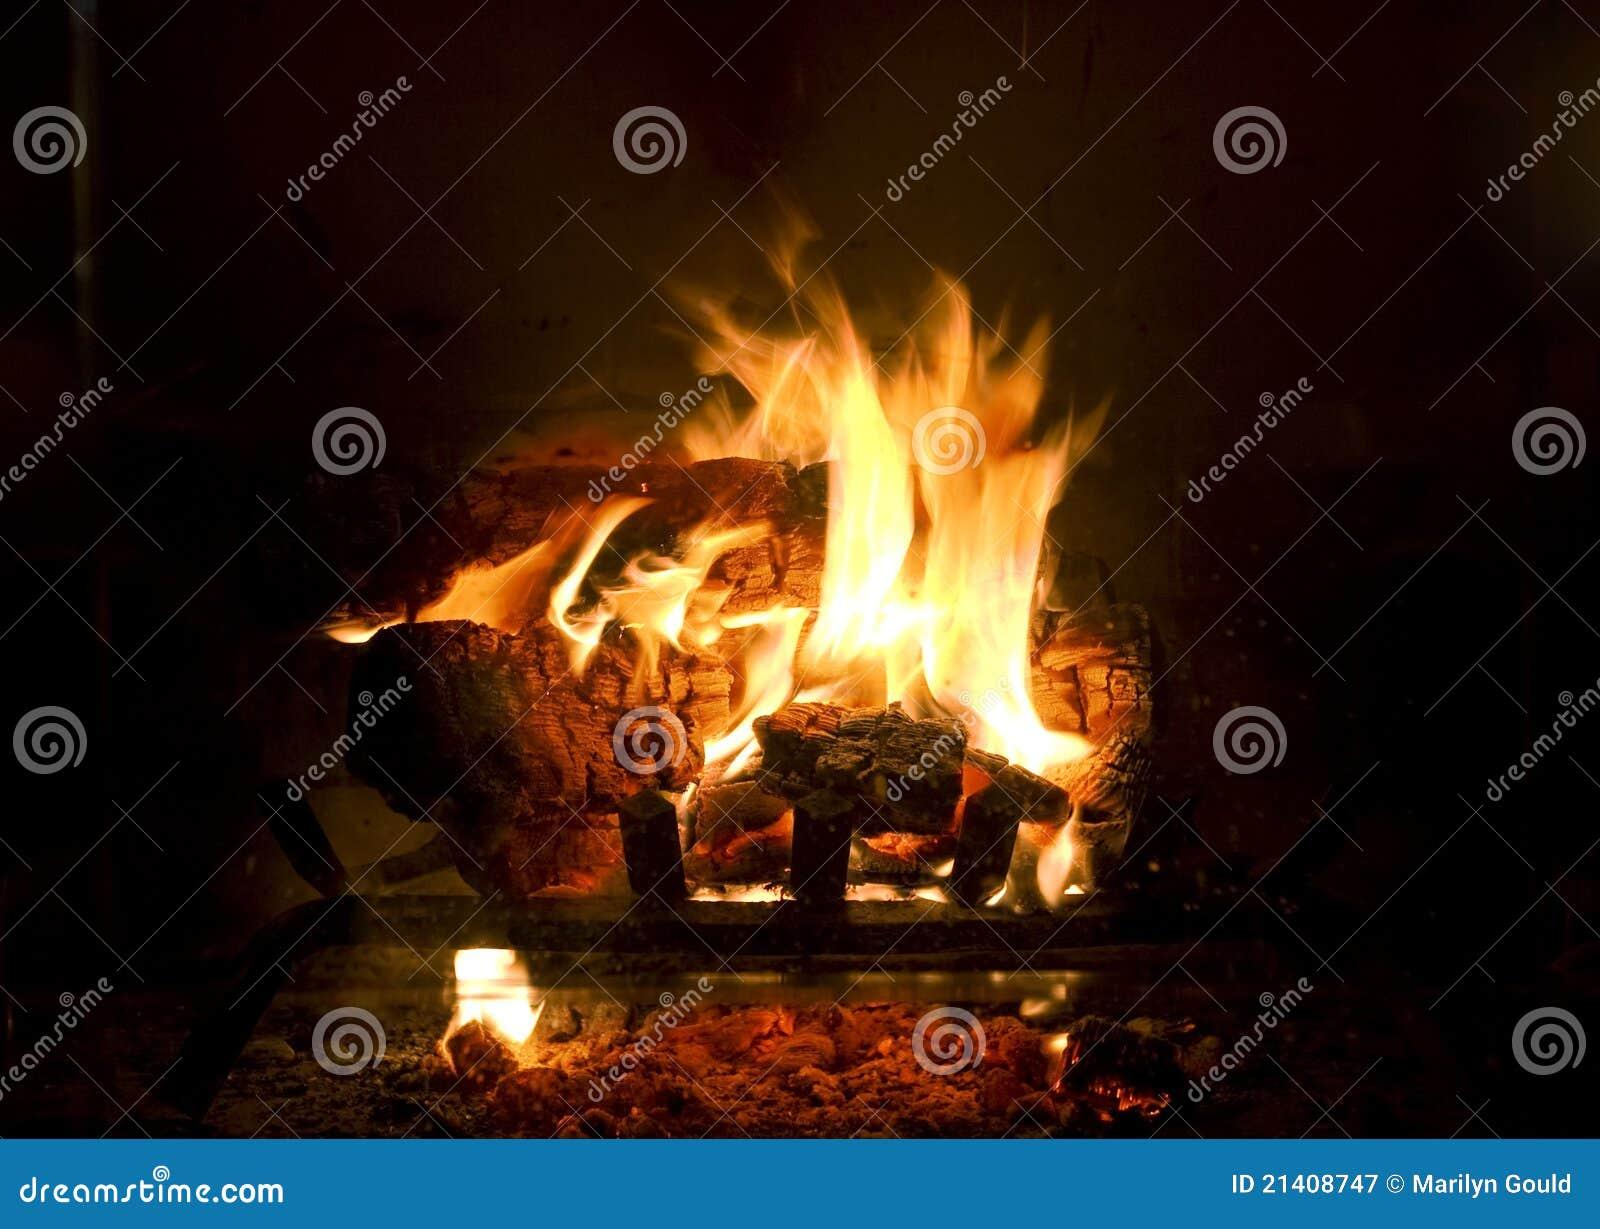 feuer im kamin stockbild bild von flamme flammen hei 21408747